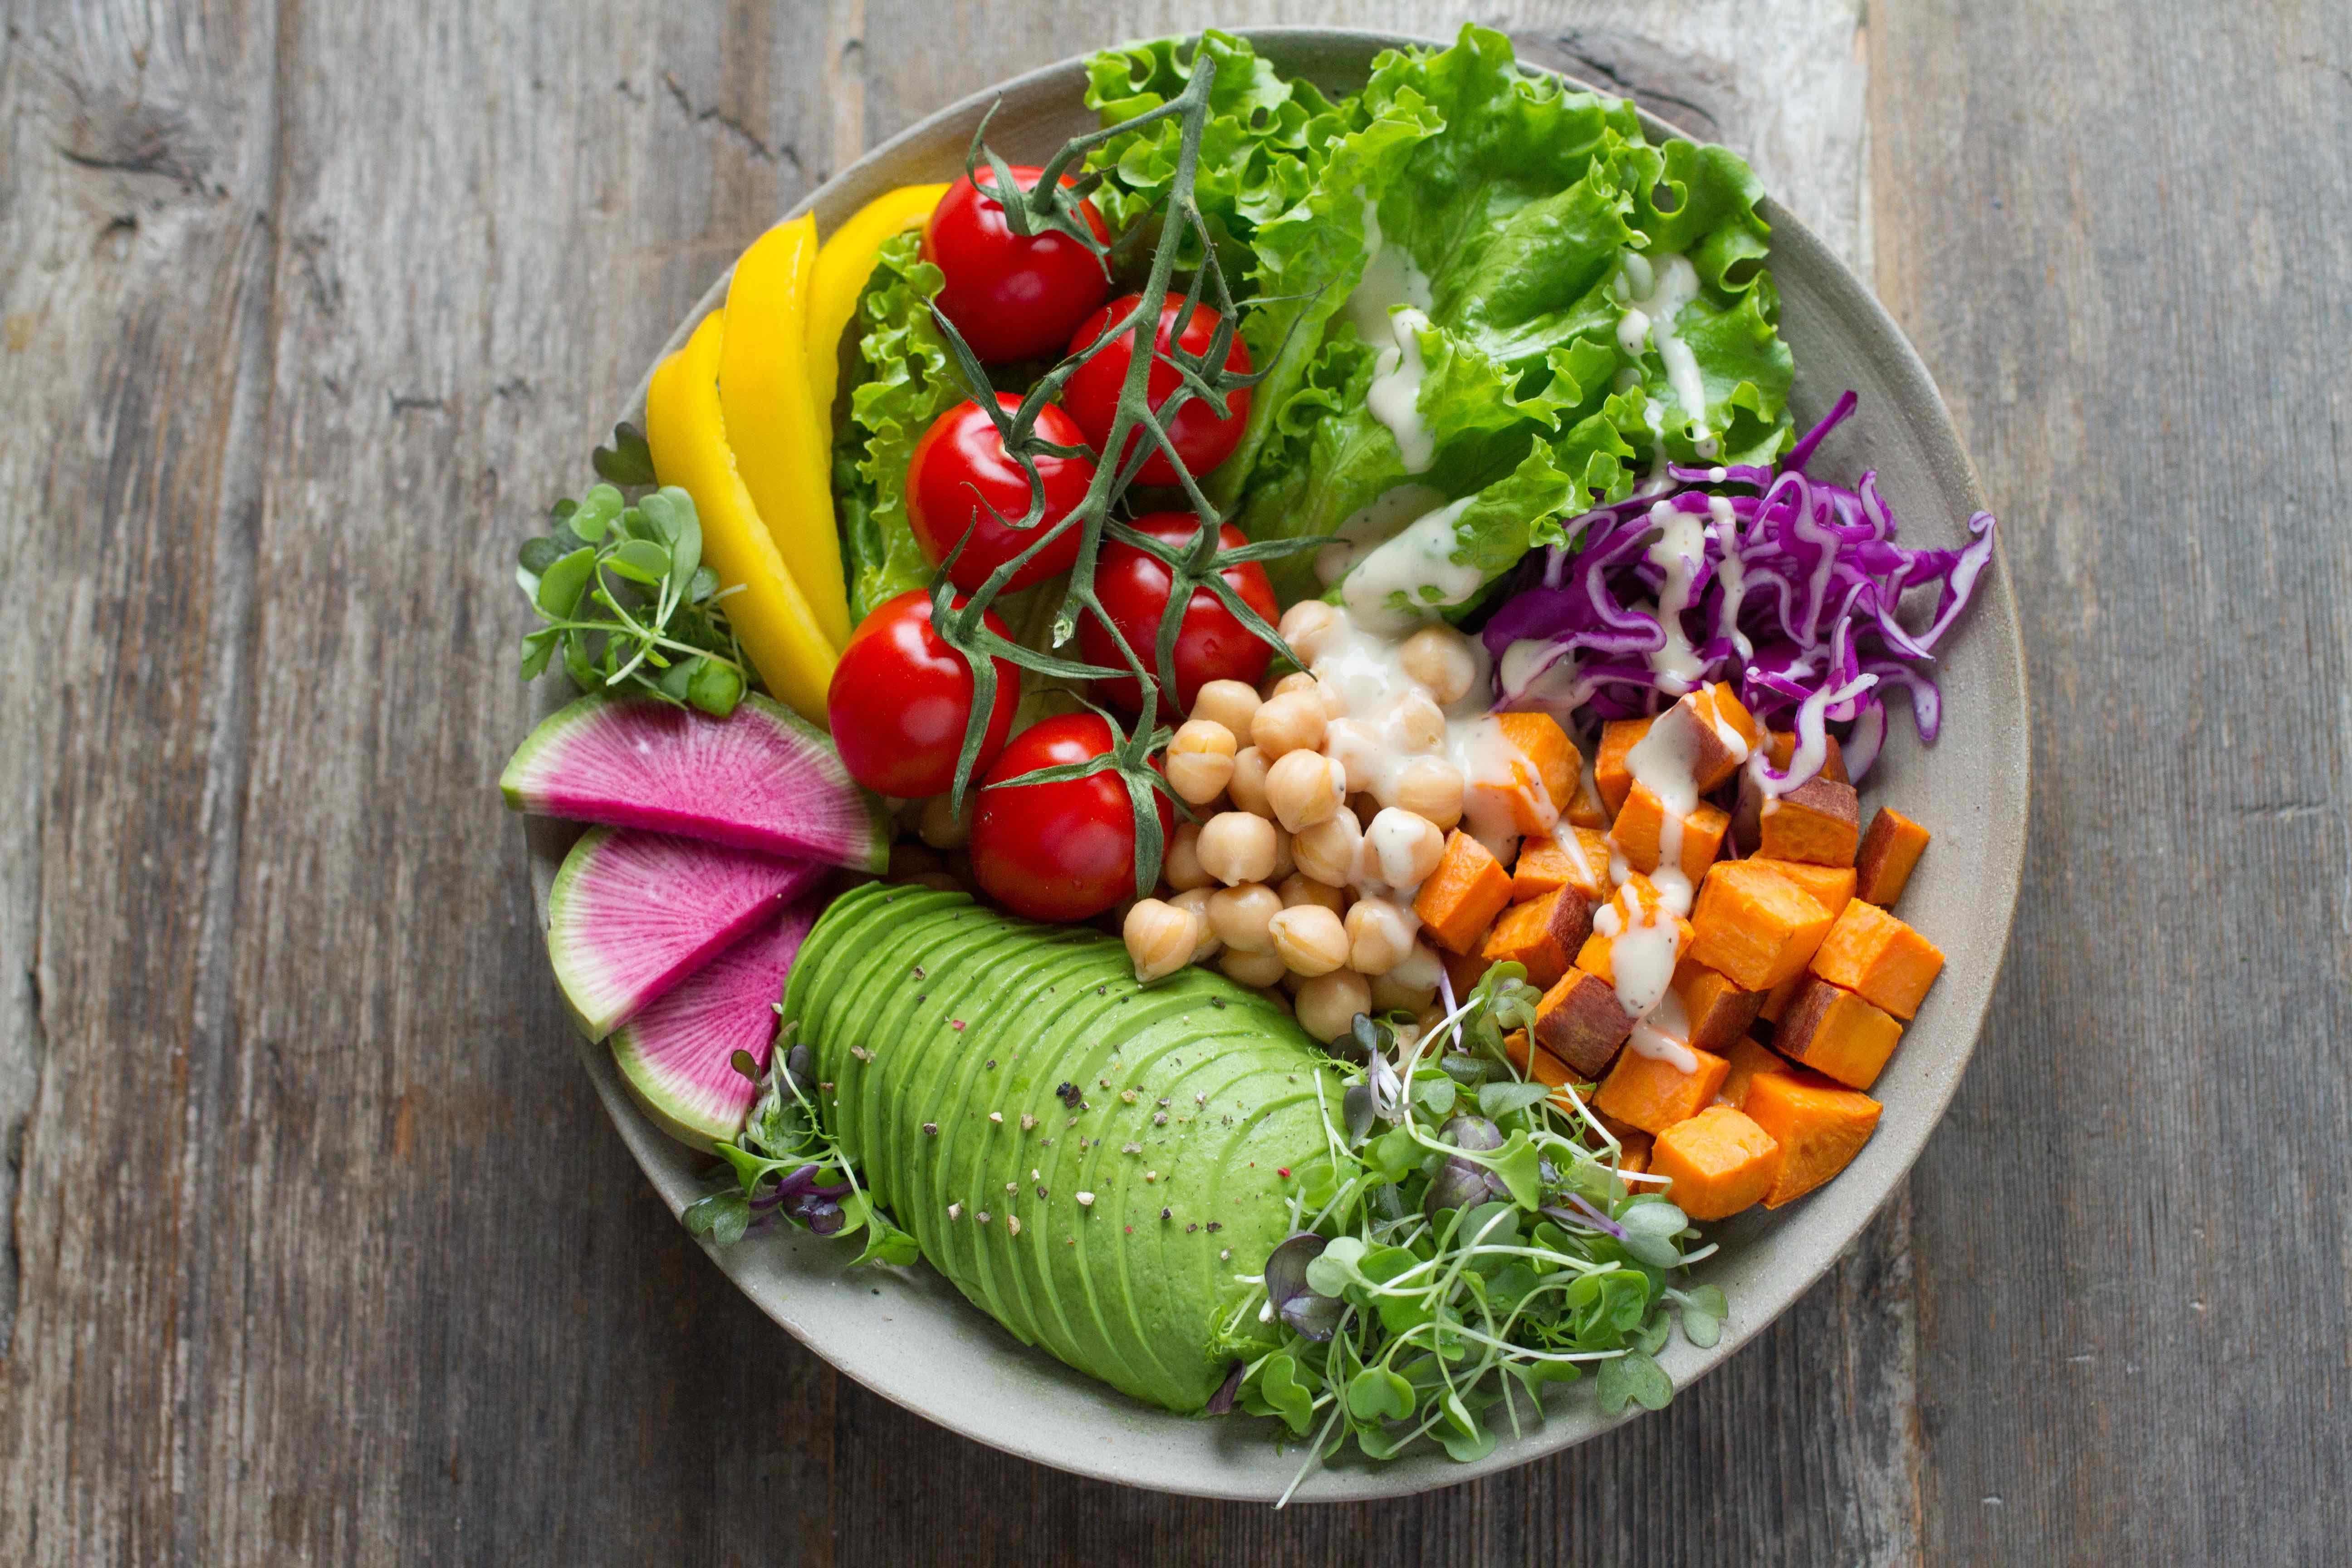 veg resources